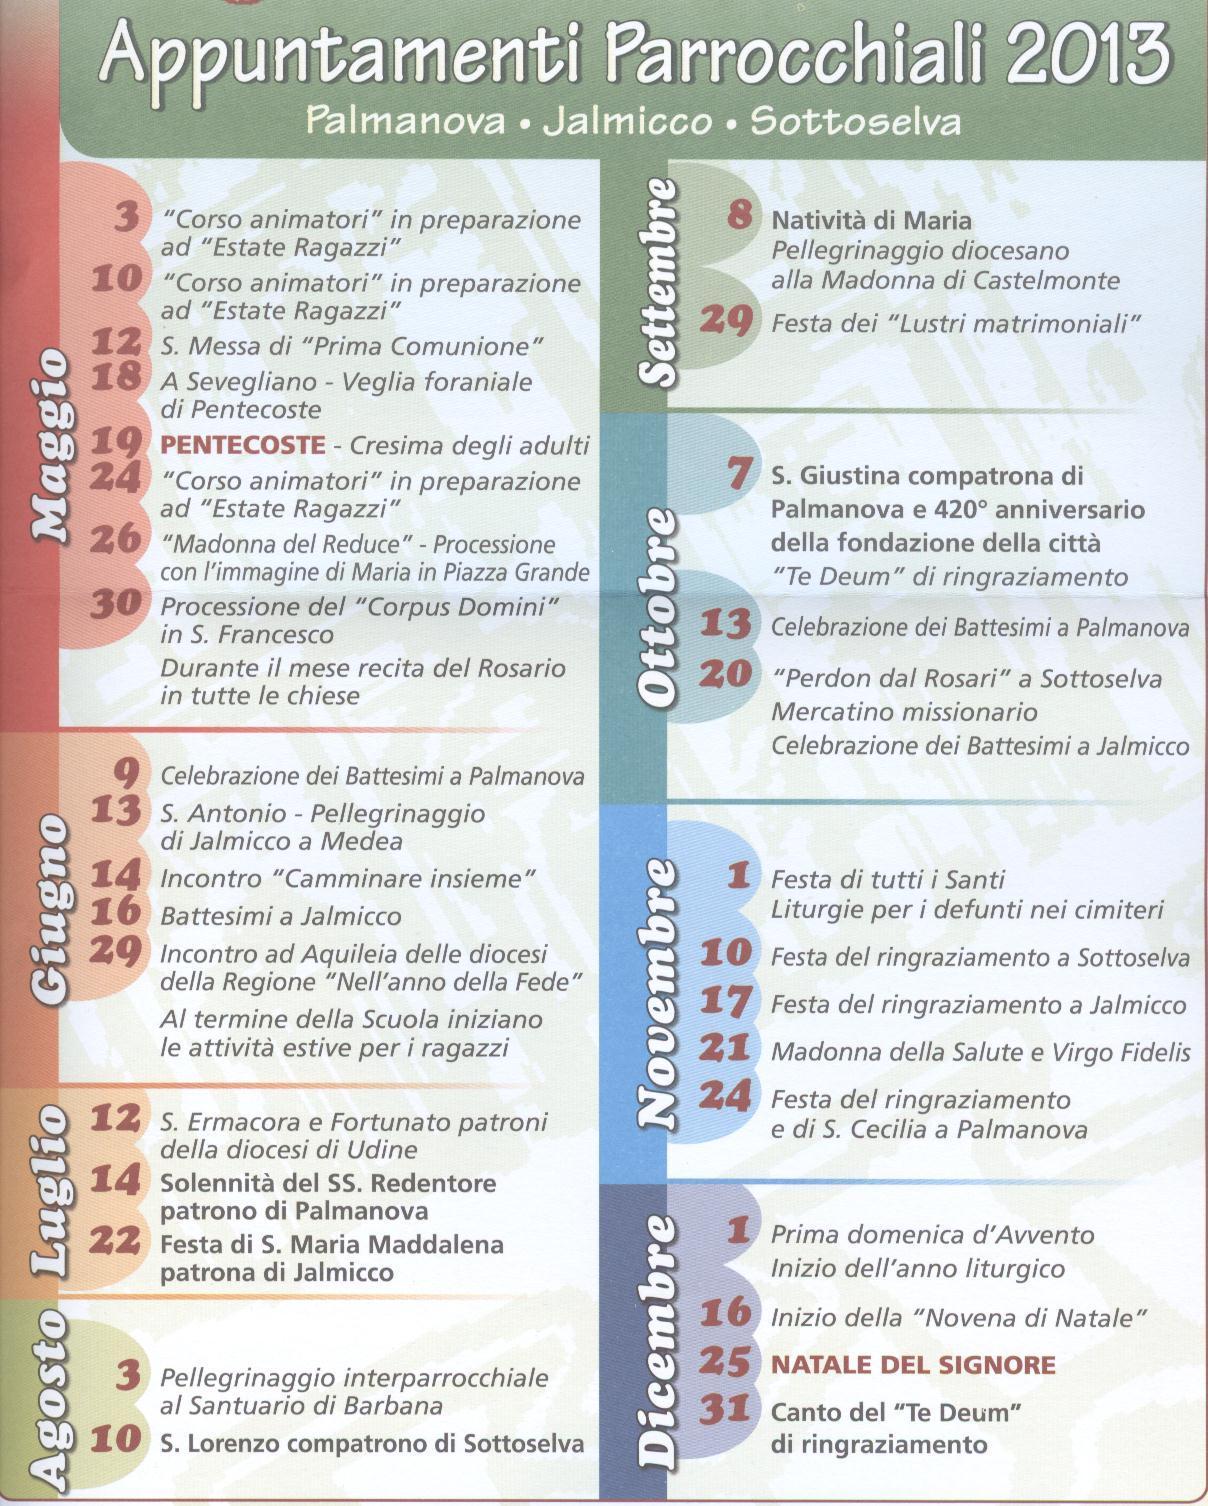 Palmanova googlenews dicembre 2012 - Colorazione pagine palma domenica ...